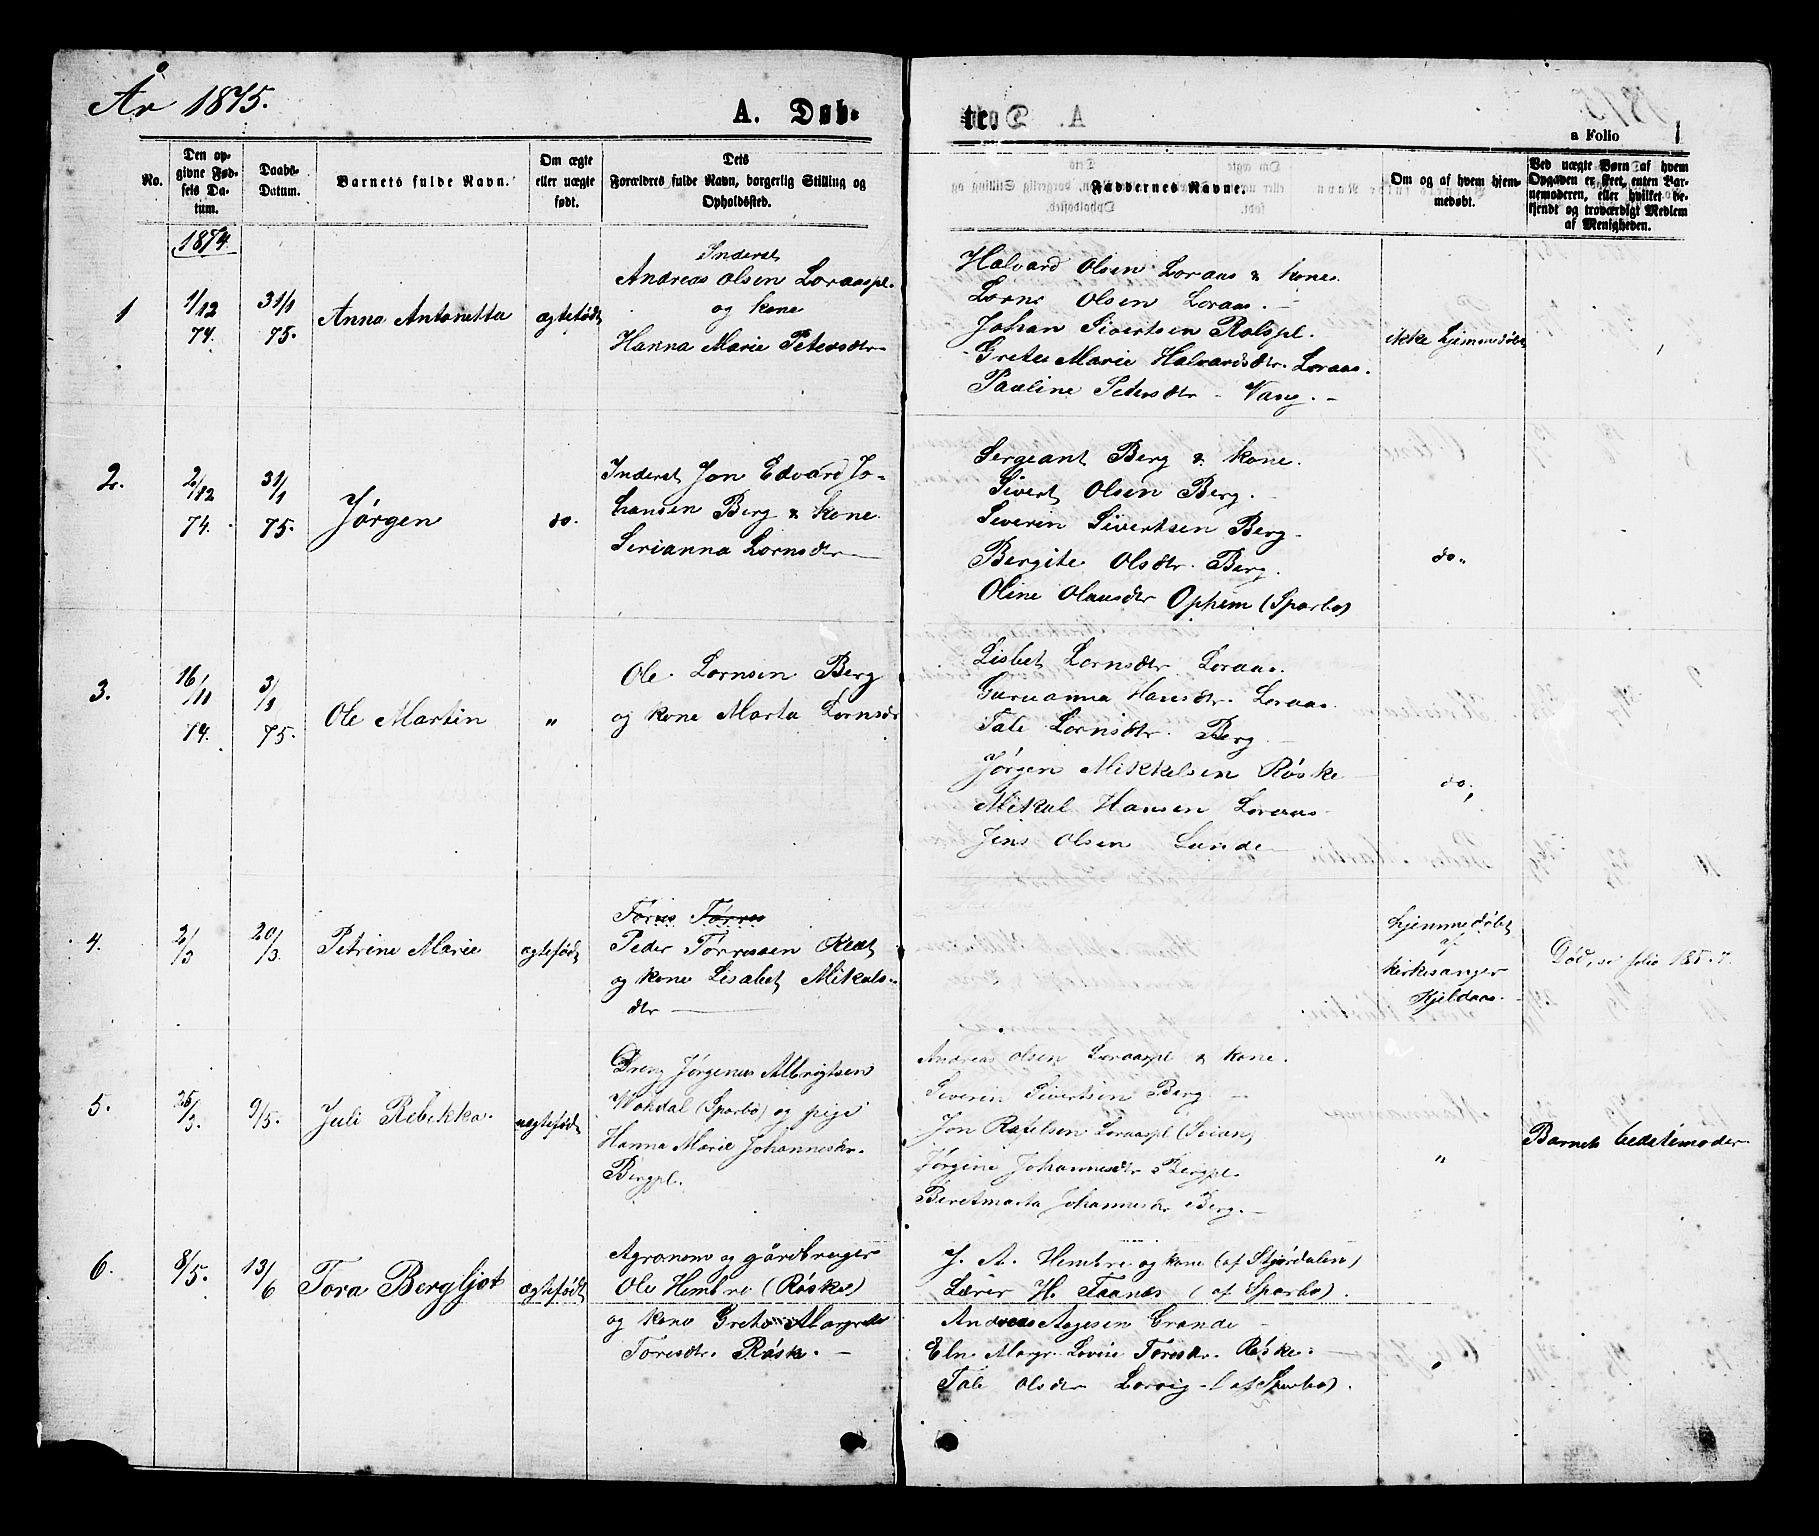 SAT, Ministerialprotokoller, klokkerbøker og fødselsregistre - Nord-Trøndelag, 731/L0311: Klokkerbok nr. 731C02, 1875-1911, s. 1